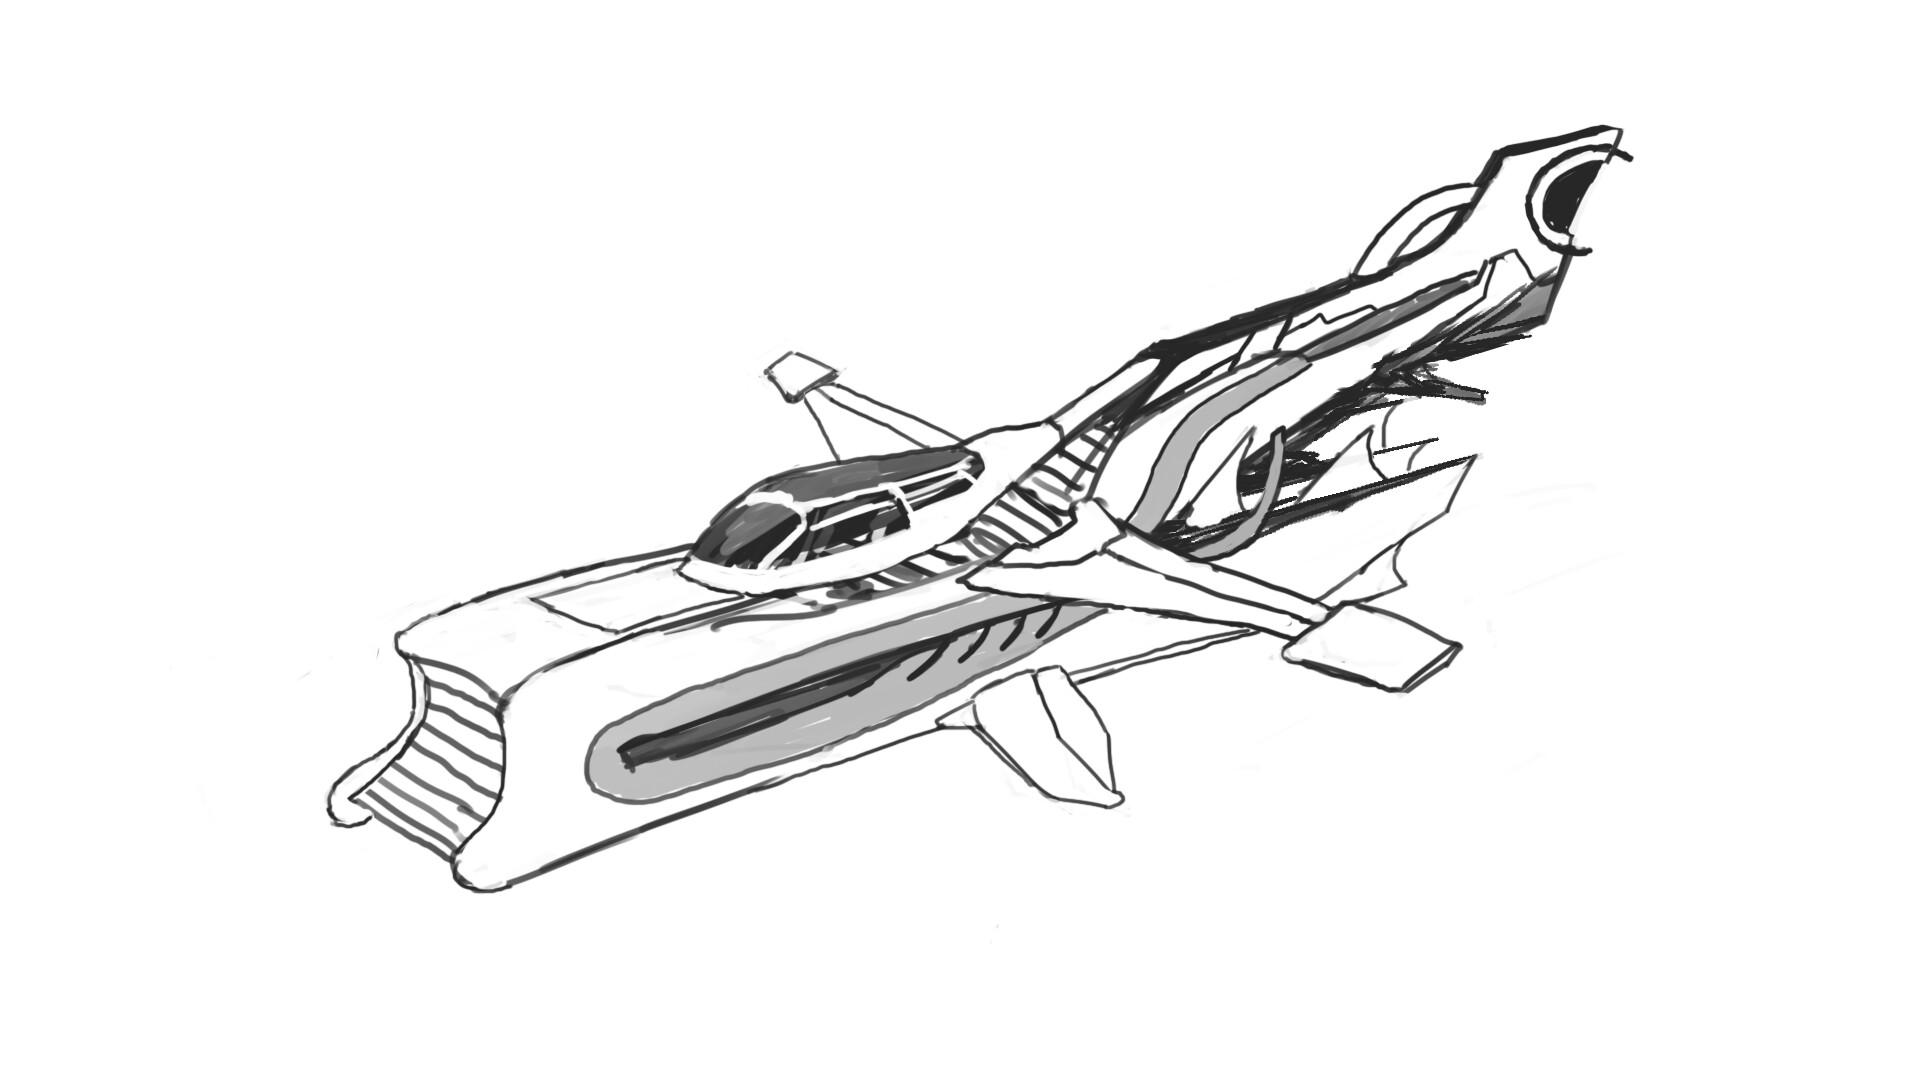 Alexander laheij drawing10 91